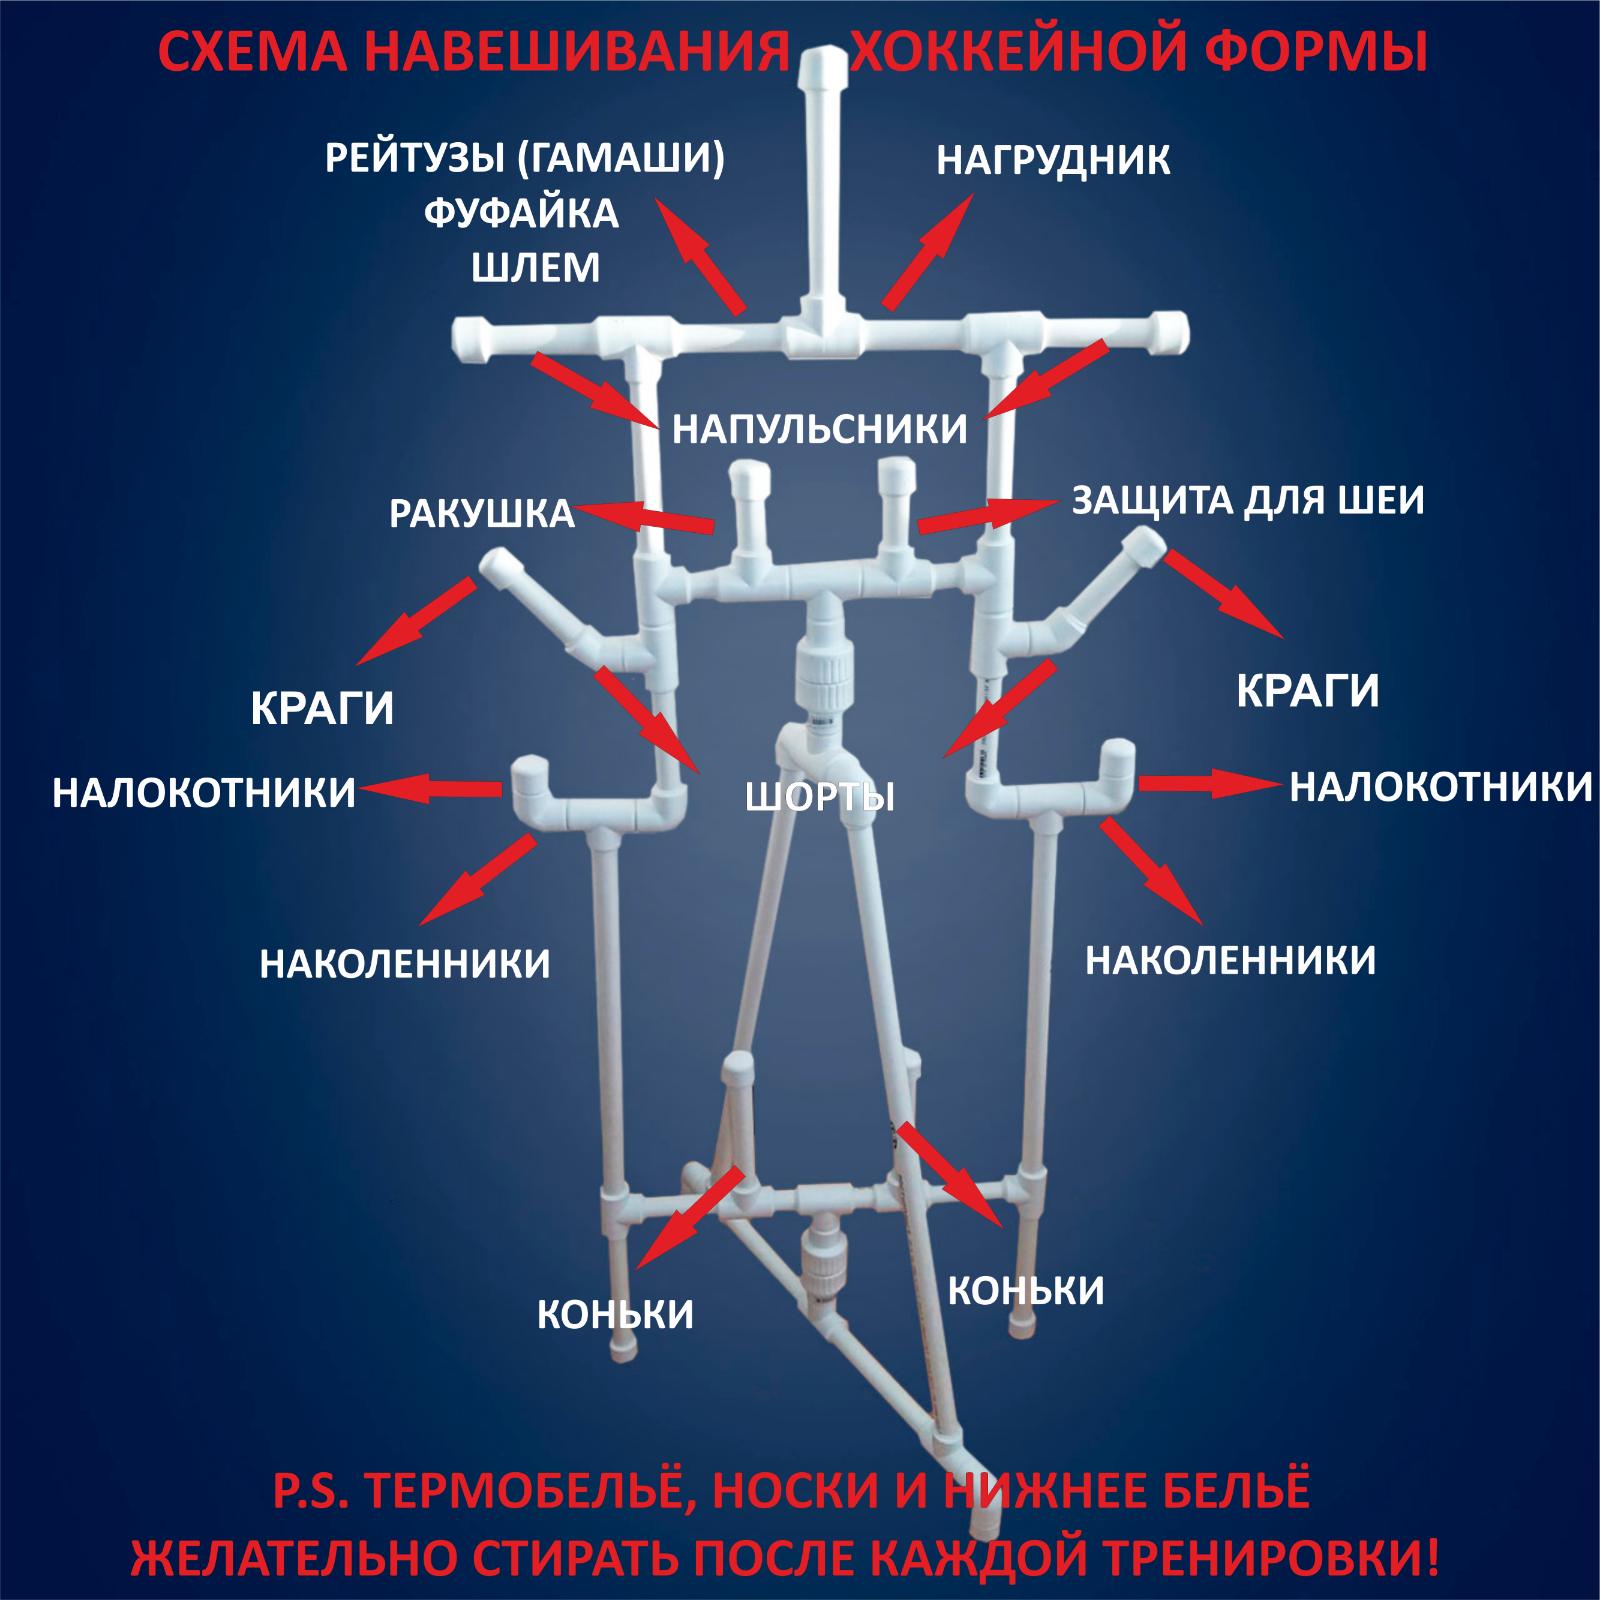 Схема навешивания хоккейной формы наНАПОЛЬНУЮ ДЕТСКУЮвешалка GermanHokk